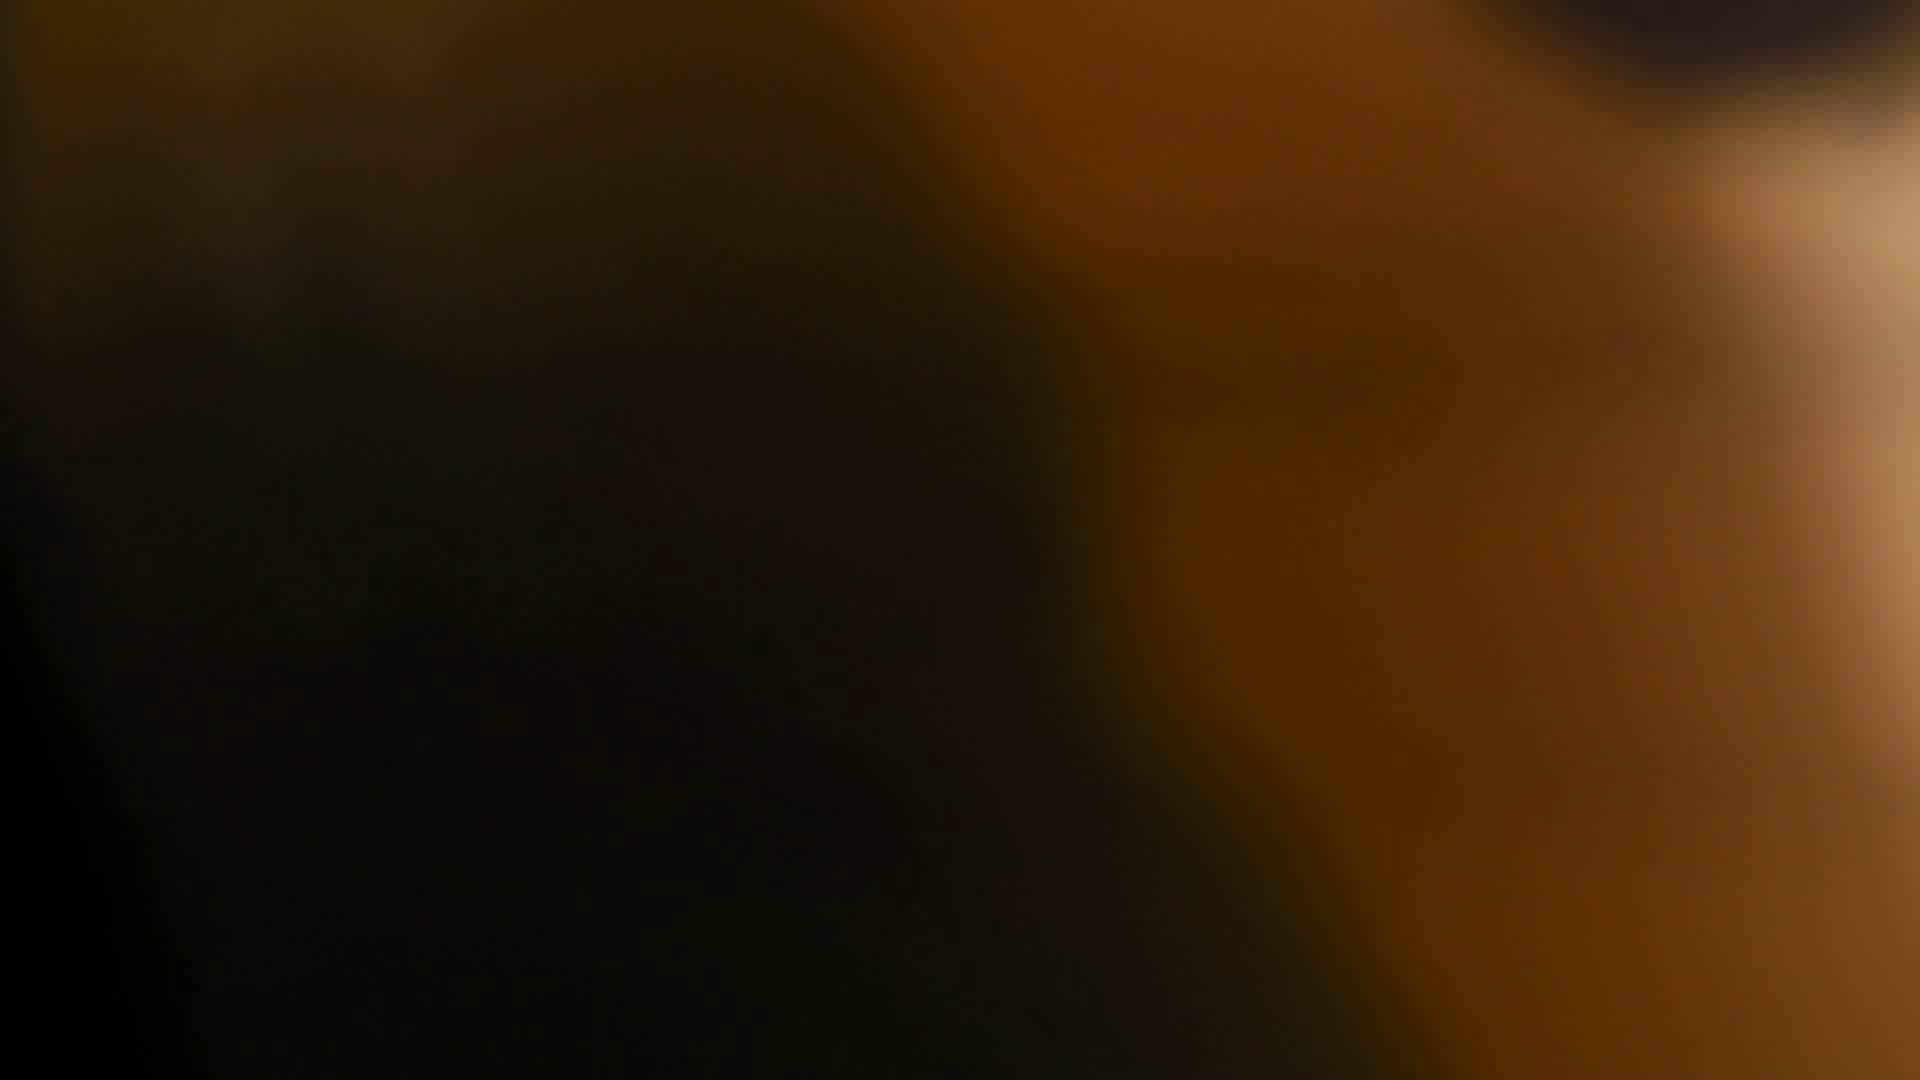 阿国ちゃんの「和式洋式七変化」No.18 iBO(フタコブ) 和式で・・・ SEX無修正画像 96画像 35